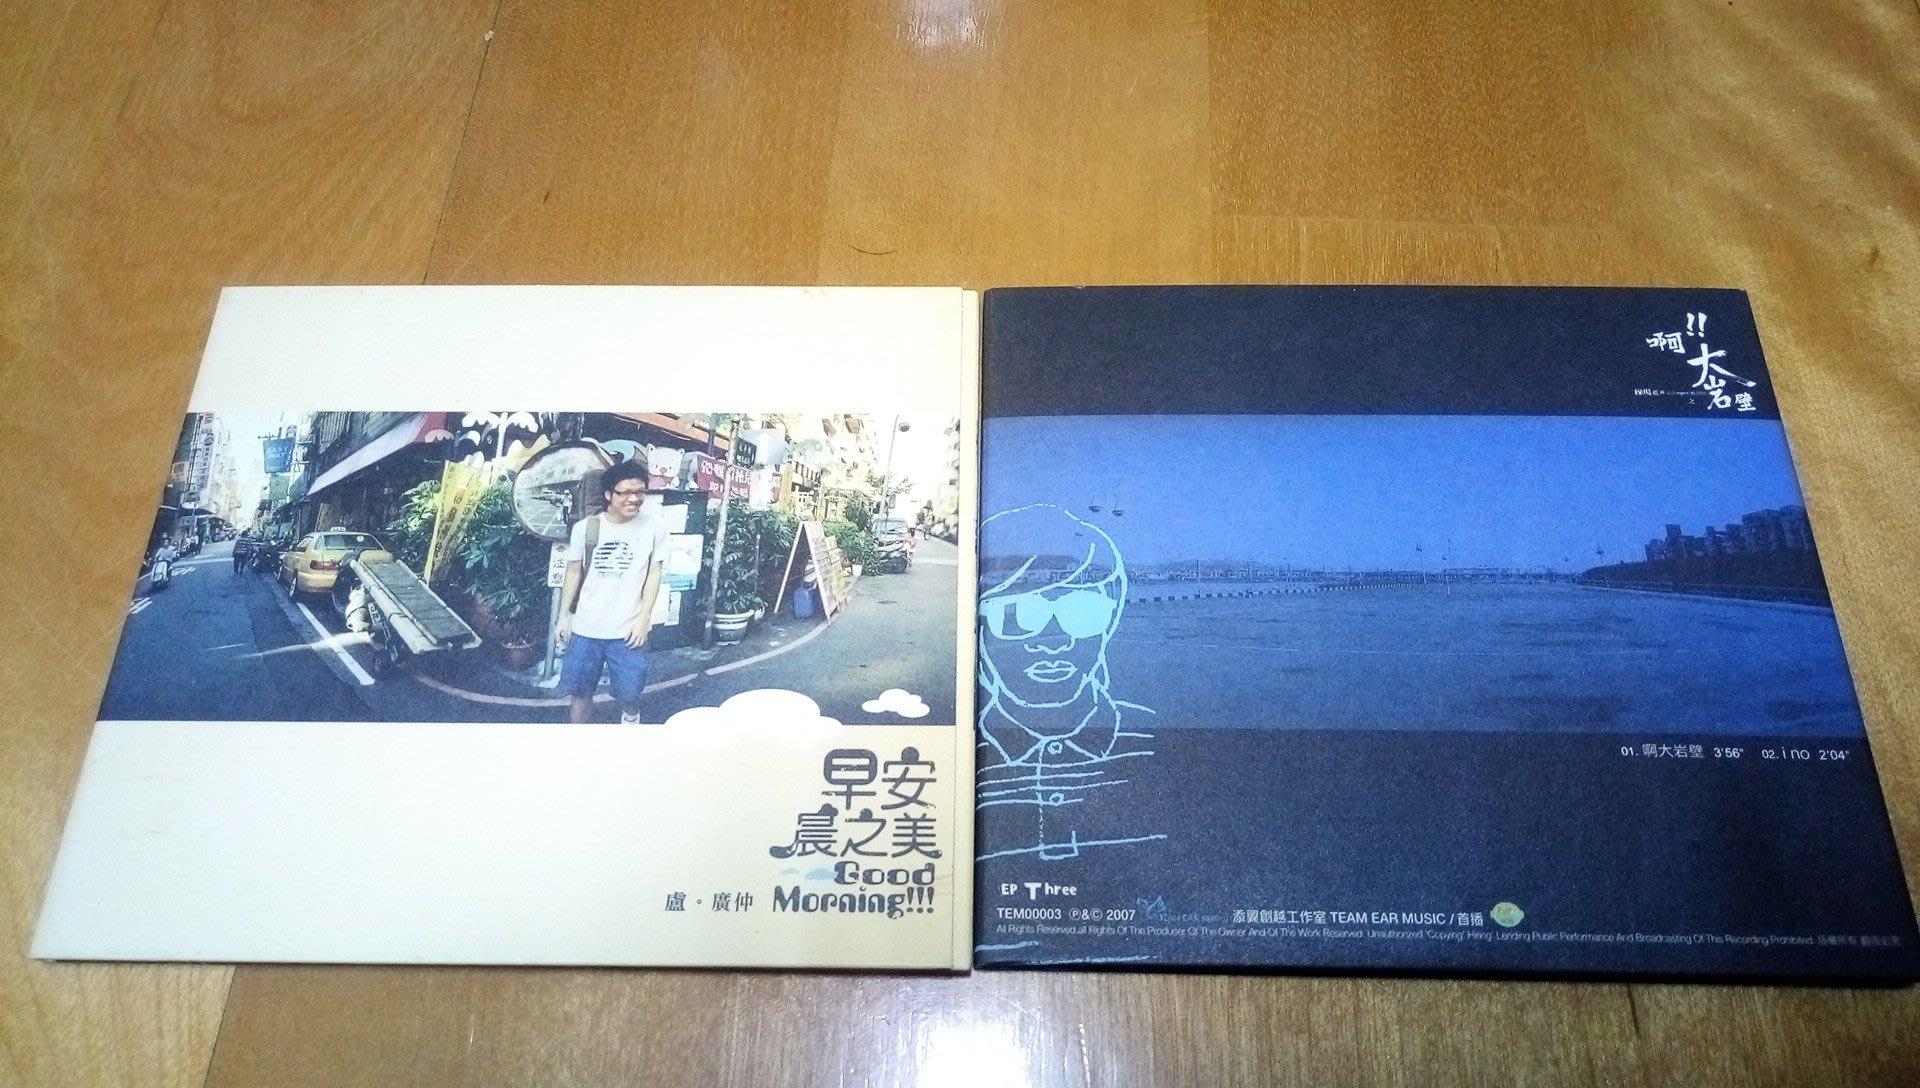 二手CD~盧廣仲單曲(啊!大岩壁)保存良好近全新,已絕版 PS(早安晨之美)已售出